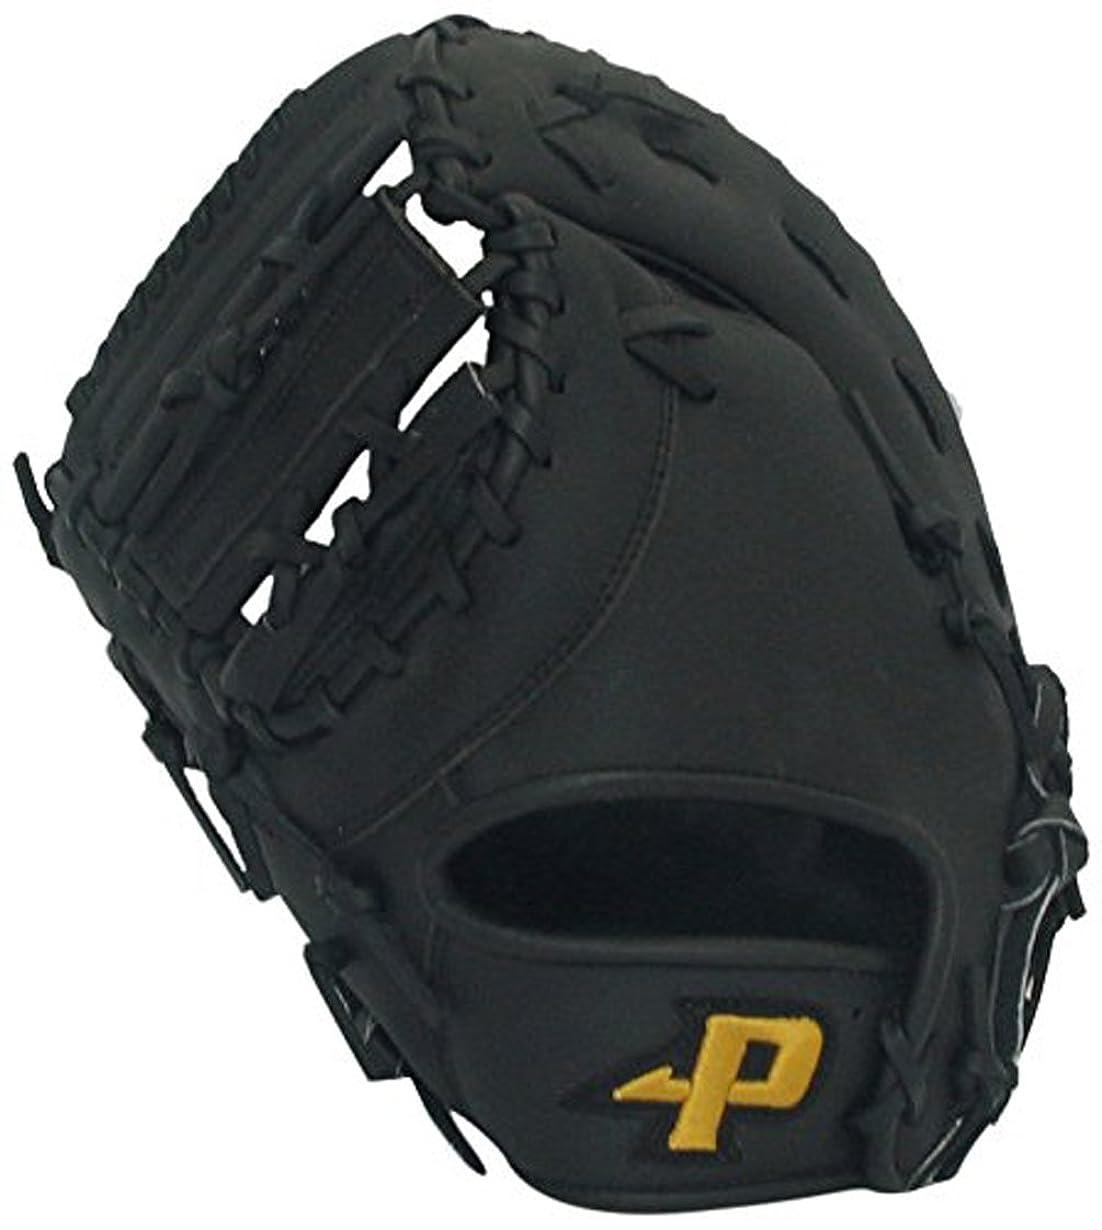 ブランドバンガローキャプテンブライサクライ貿易(SAKURAI) Promark(プロマーク) 野球 一般軟式用 グラブ(グローブ) 左利き用 ファーストミット PFM-7795